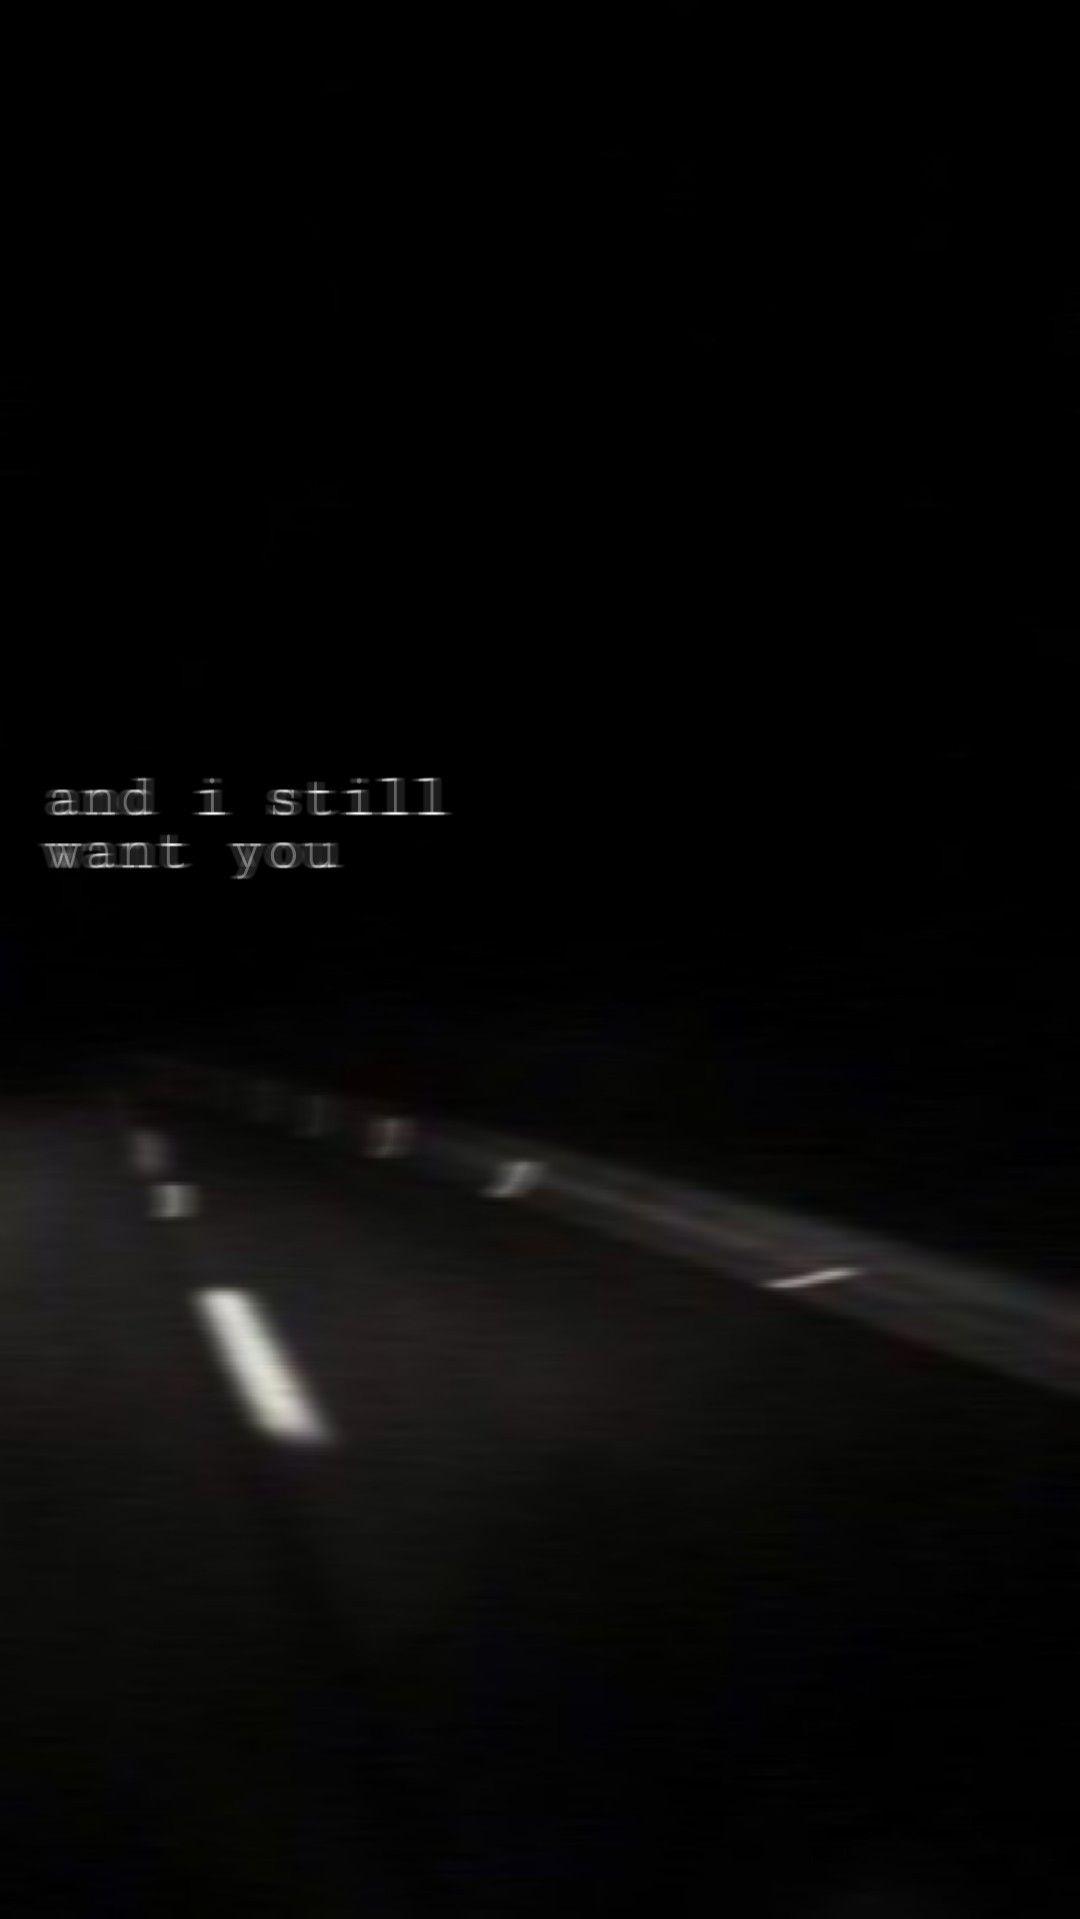 Bts The Truth Untold Bts Wallpaper Lyrics Bts Wallpaper Bts Lyric